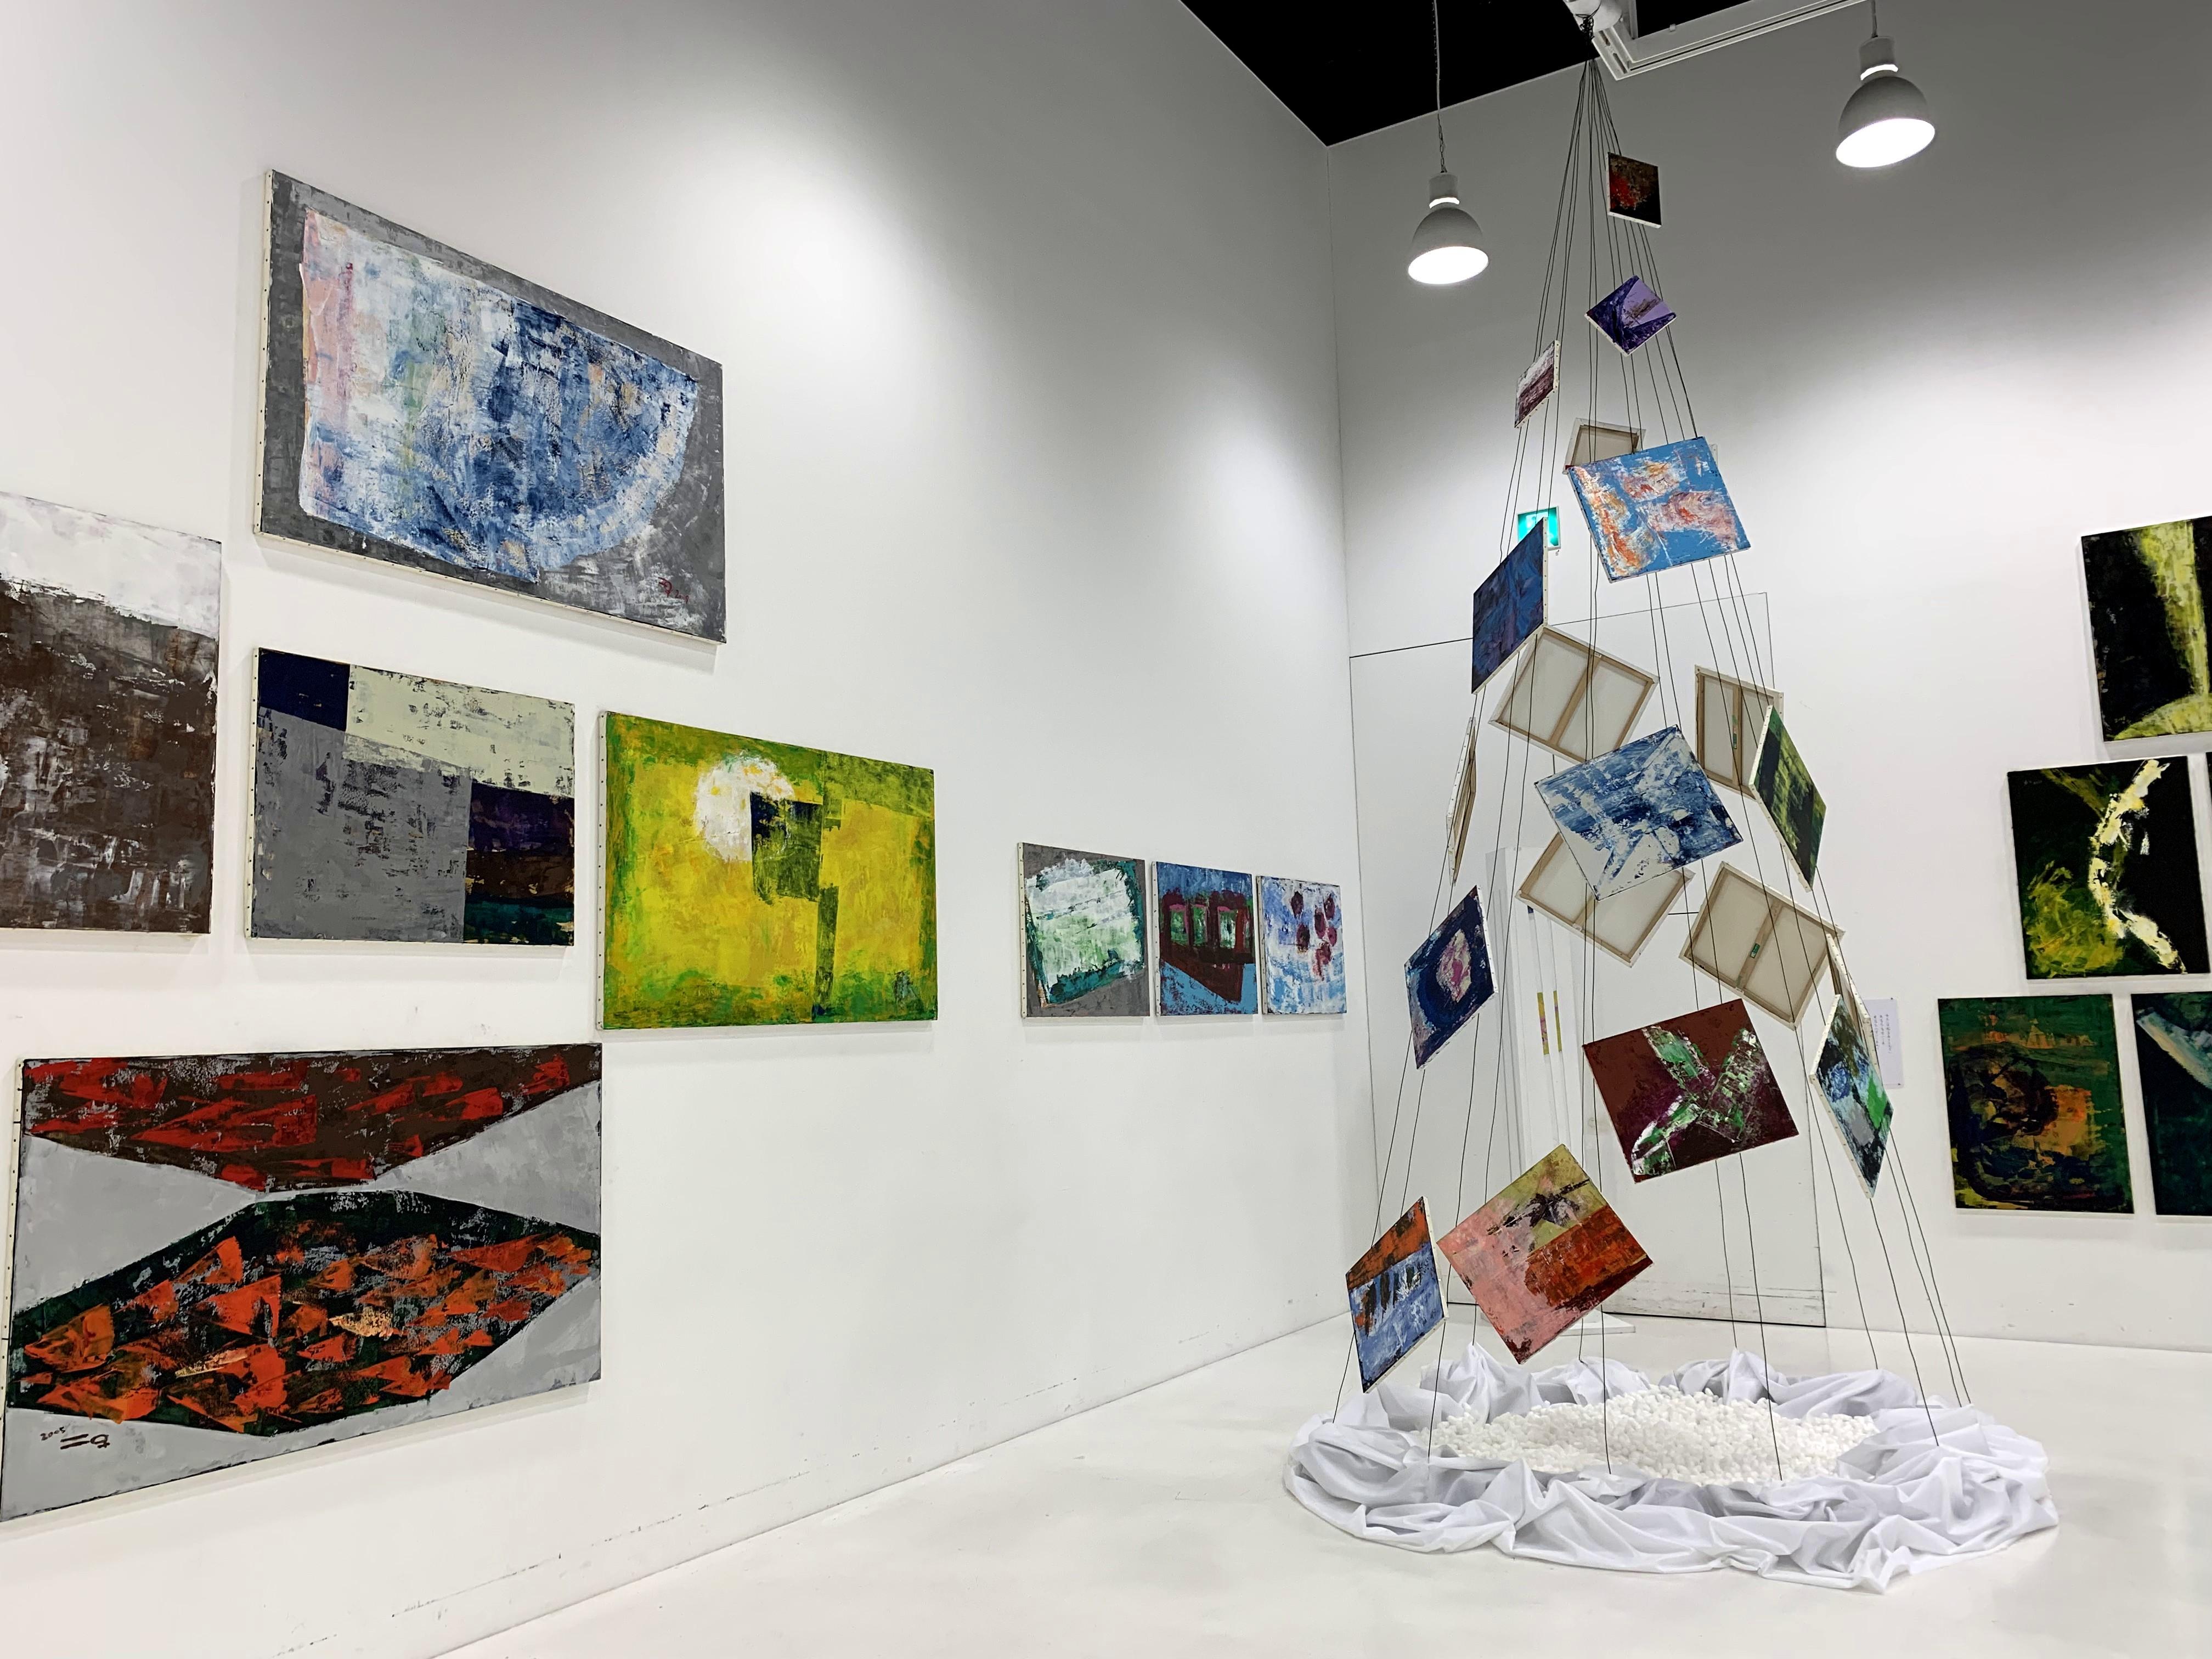 石澤暁夫 スーパーコラボ展Vol.2 出展作品